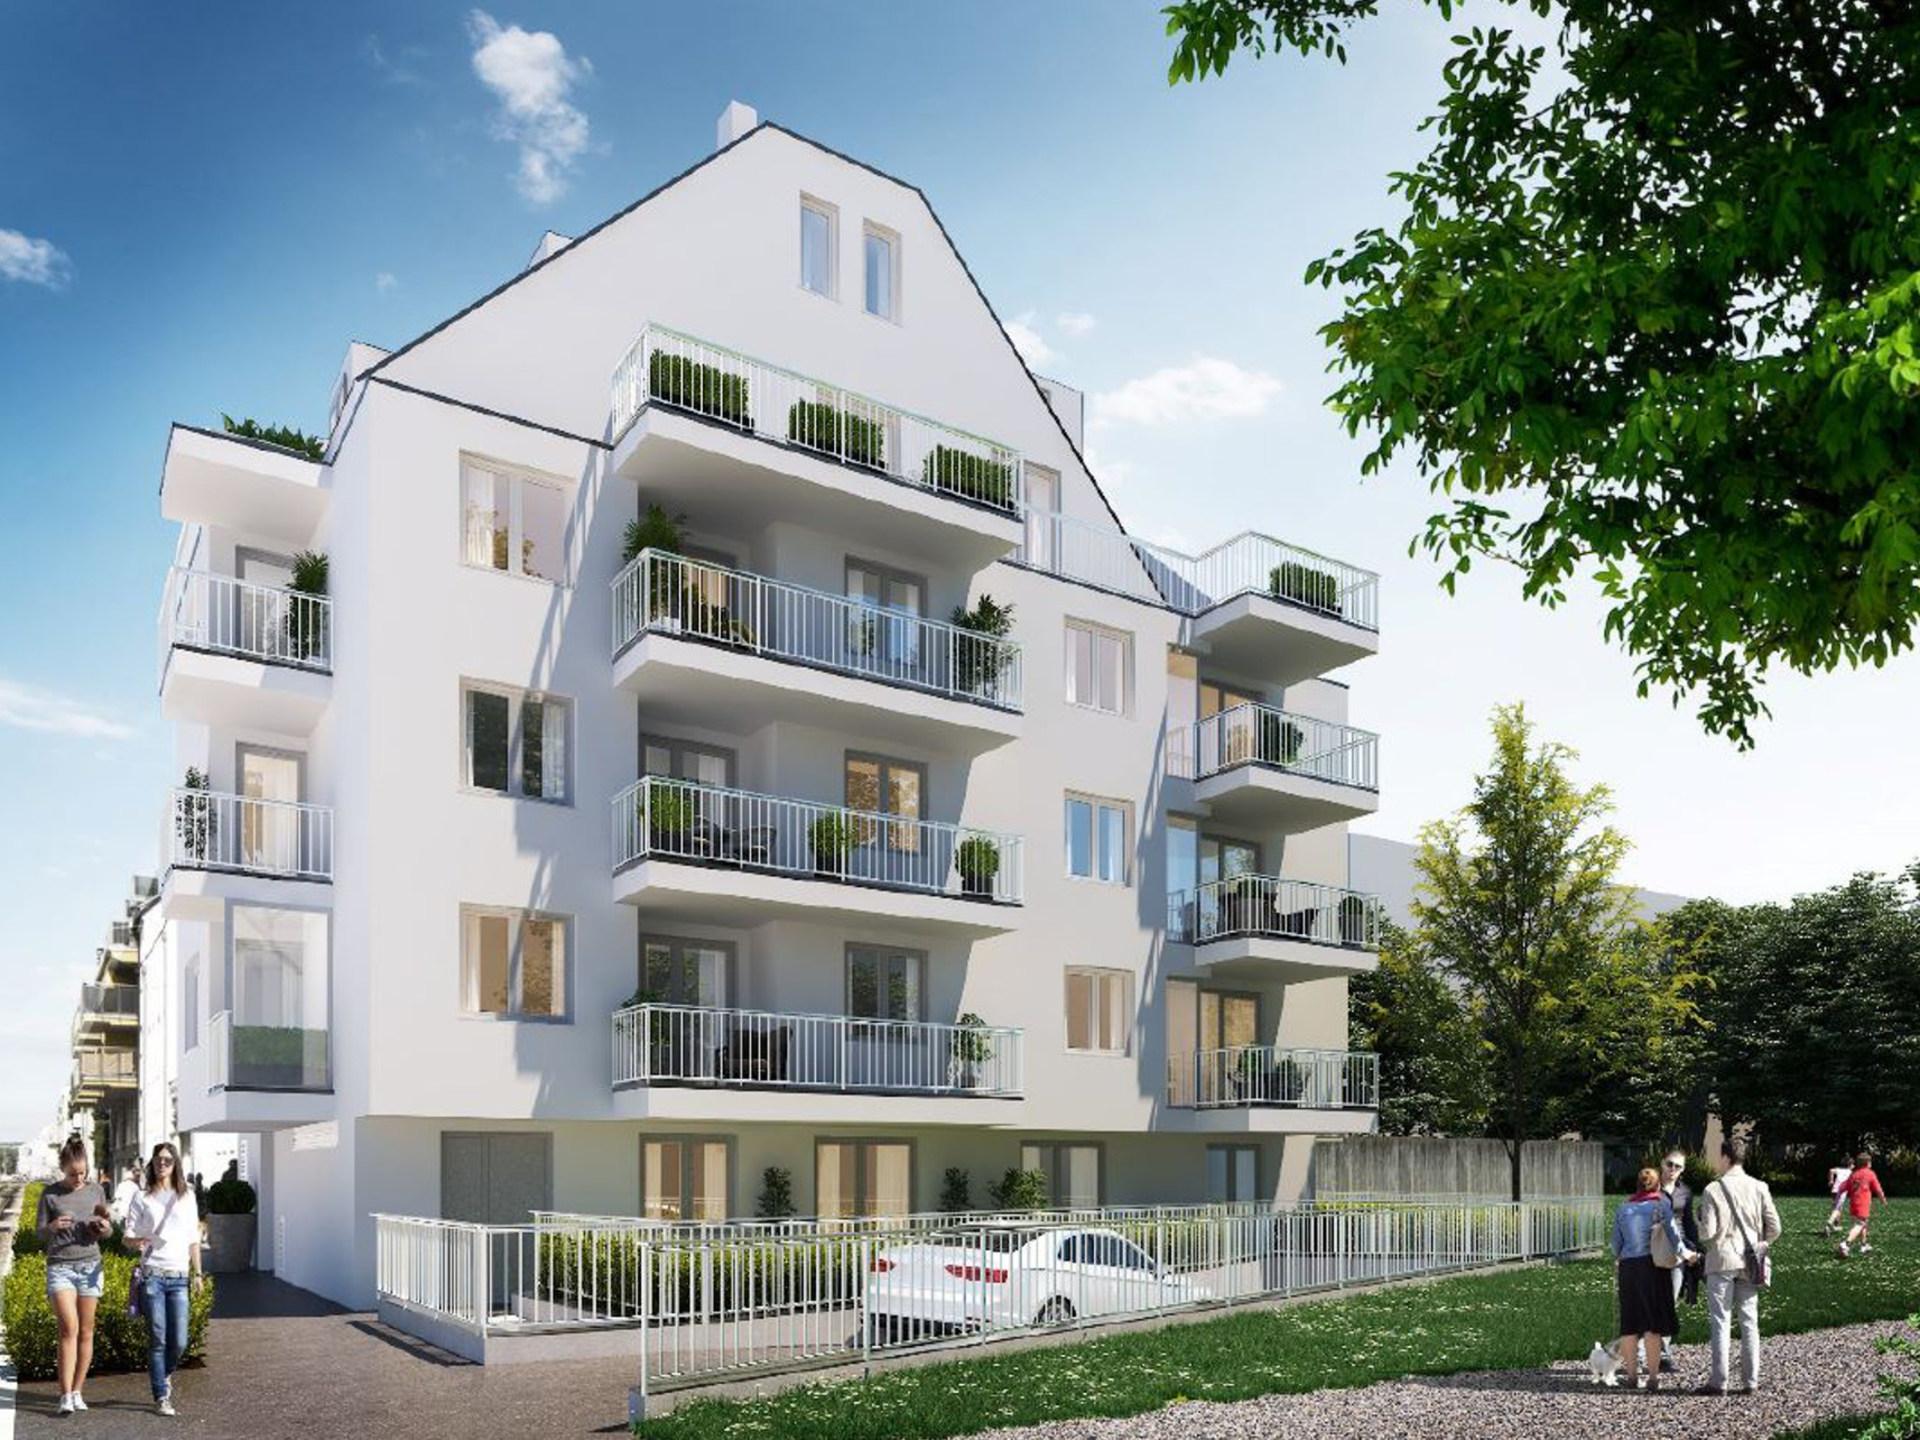 Neubauwohnungen zur Vorsorge oder Eigennutzer - zu kaufen in 1220 Wien